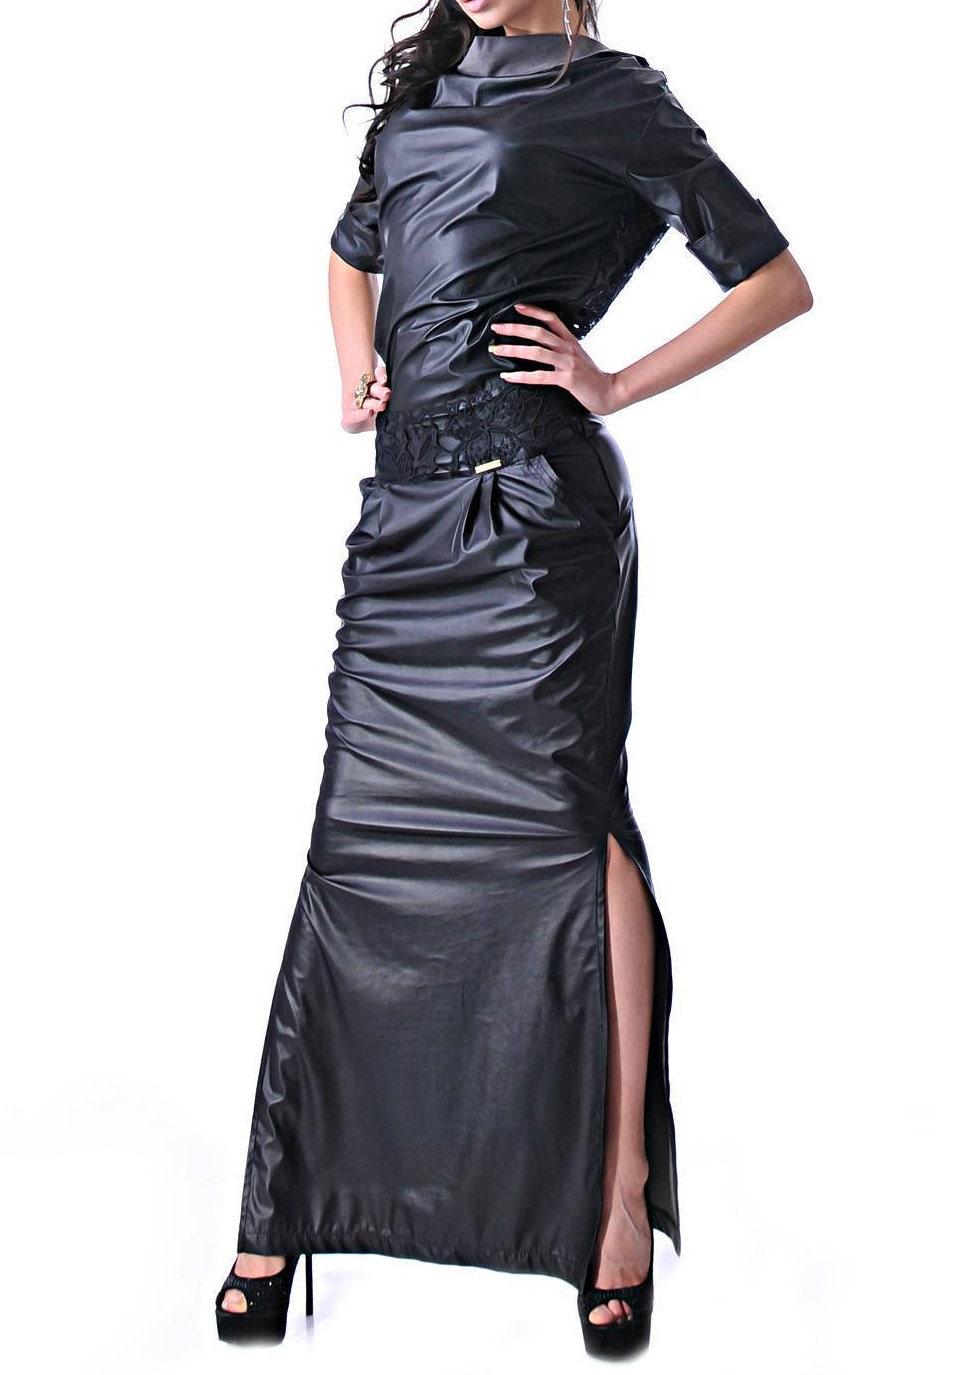 Schwarz Kunstleder Maxi Kleid/lang Kunstleder Kleid/Plus Size